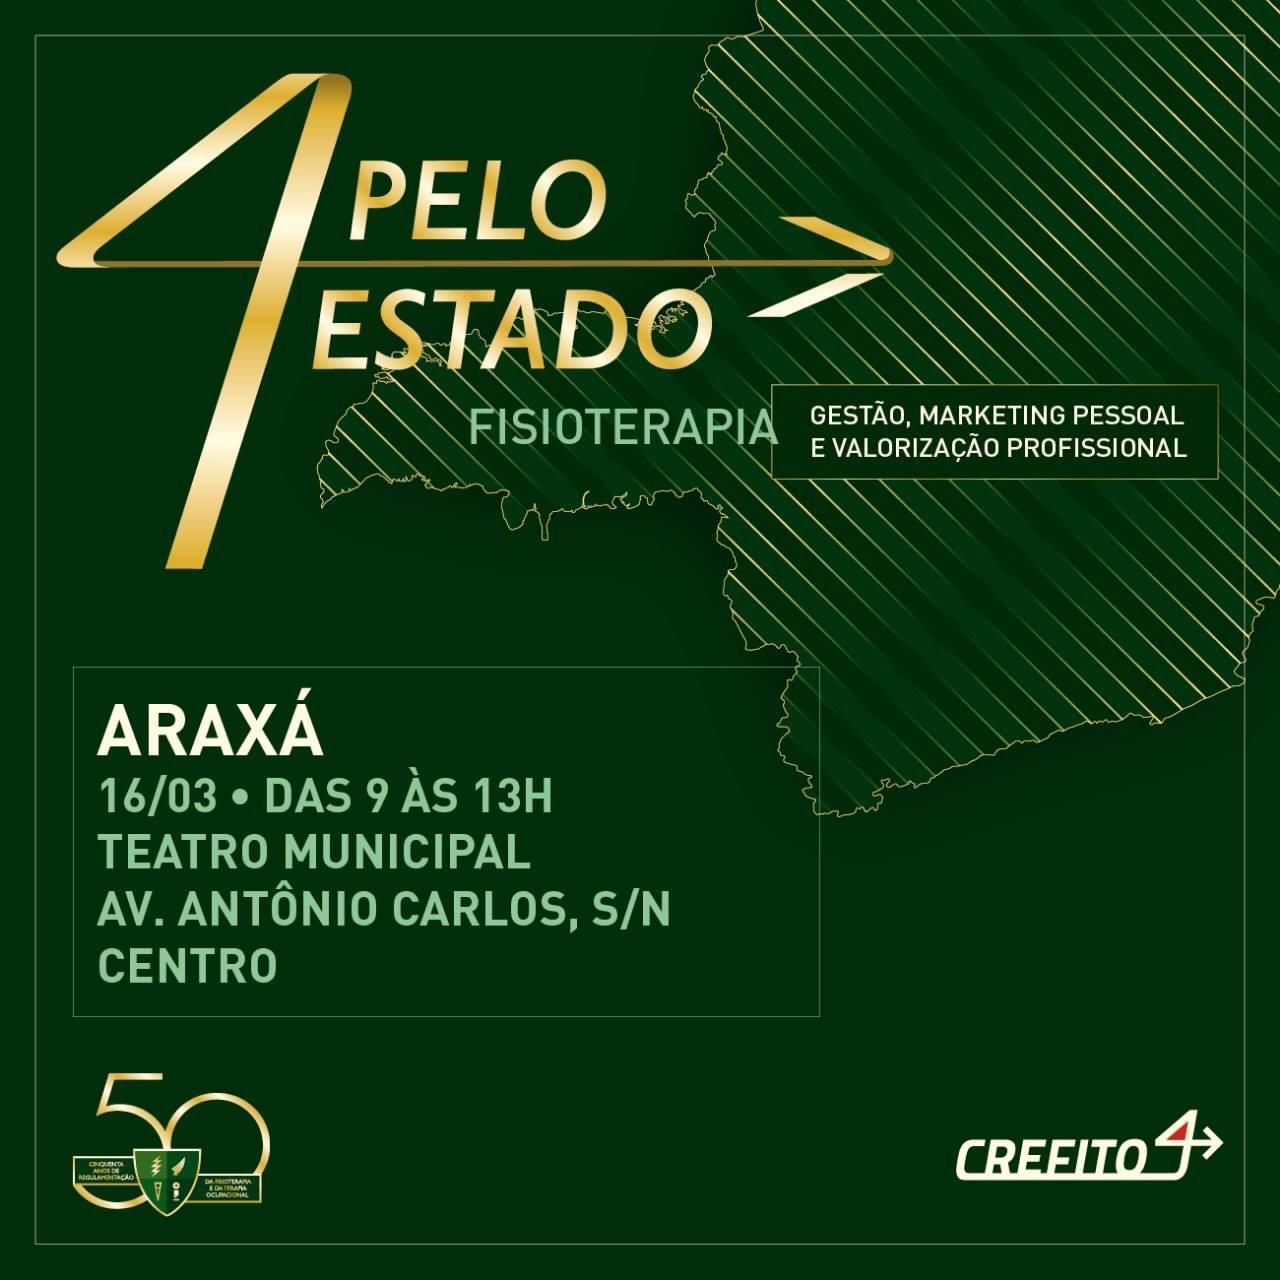 Comemoração aos 50 anos da Fisioterapia no país começará por Araxá